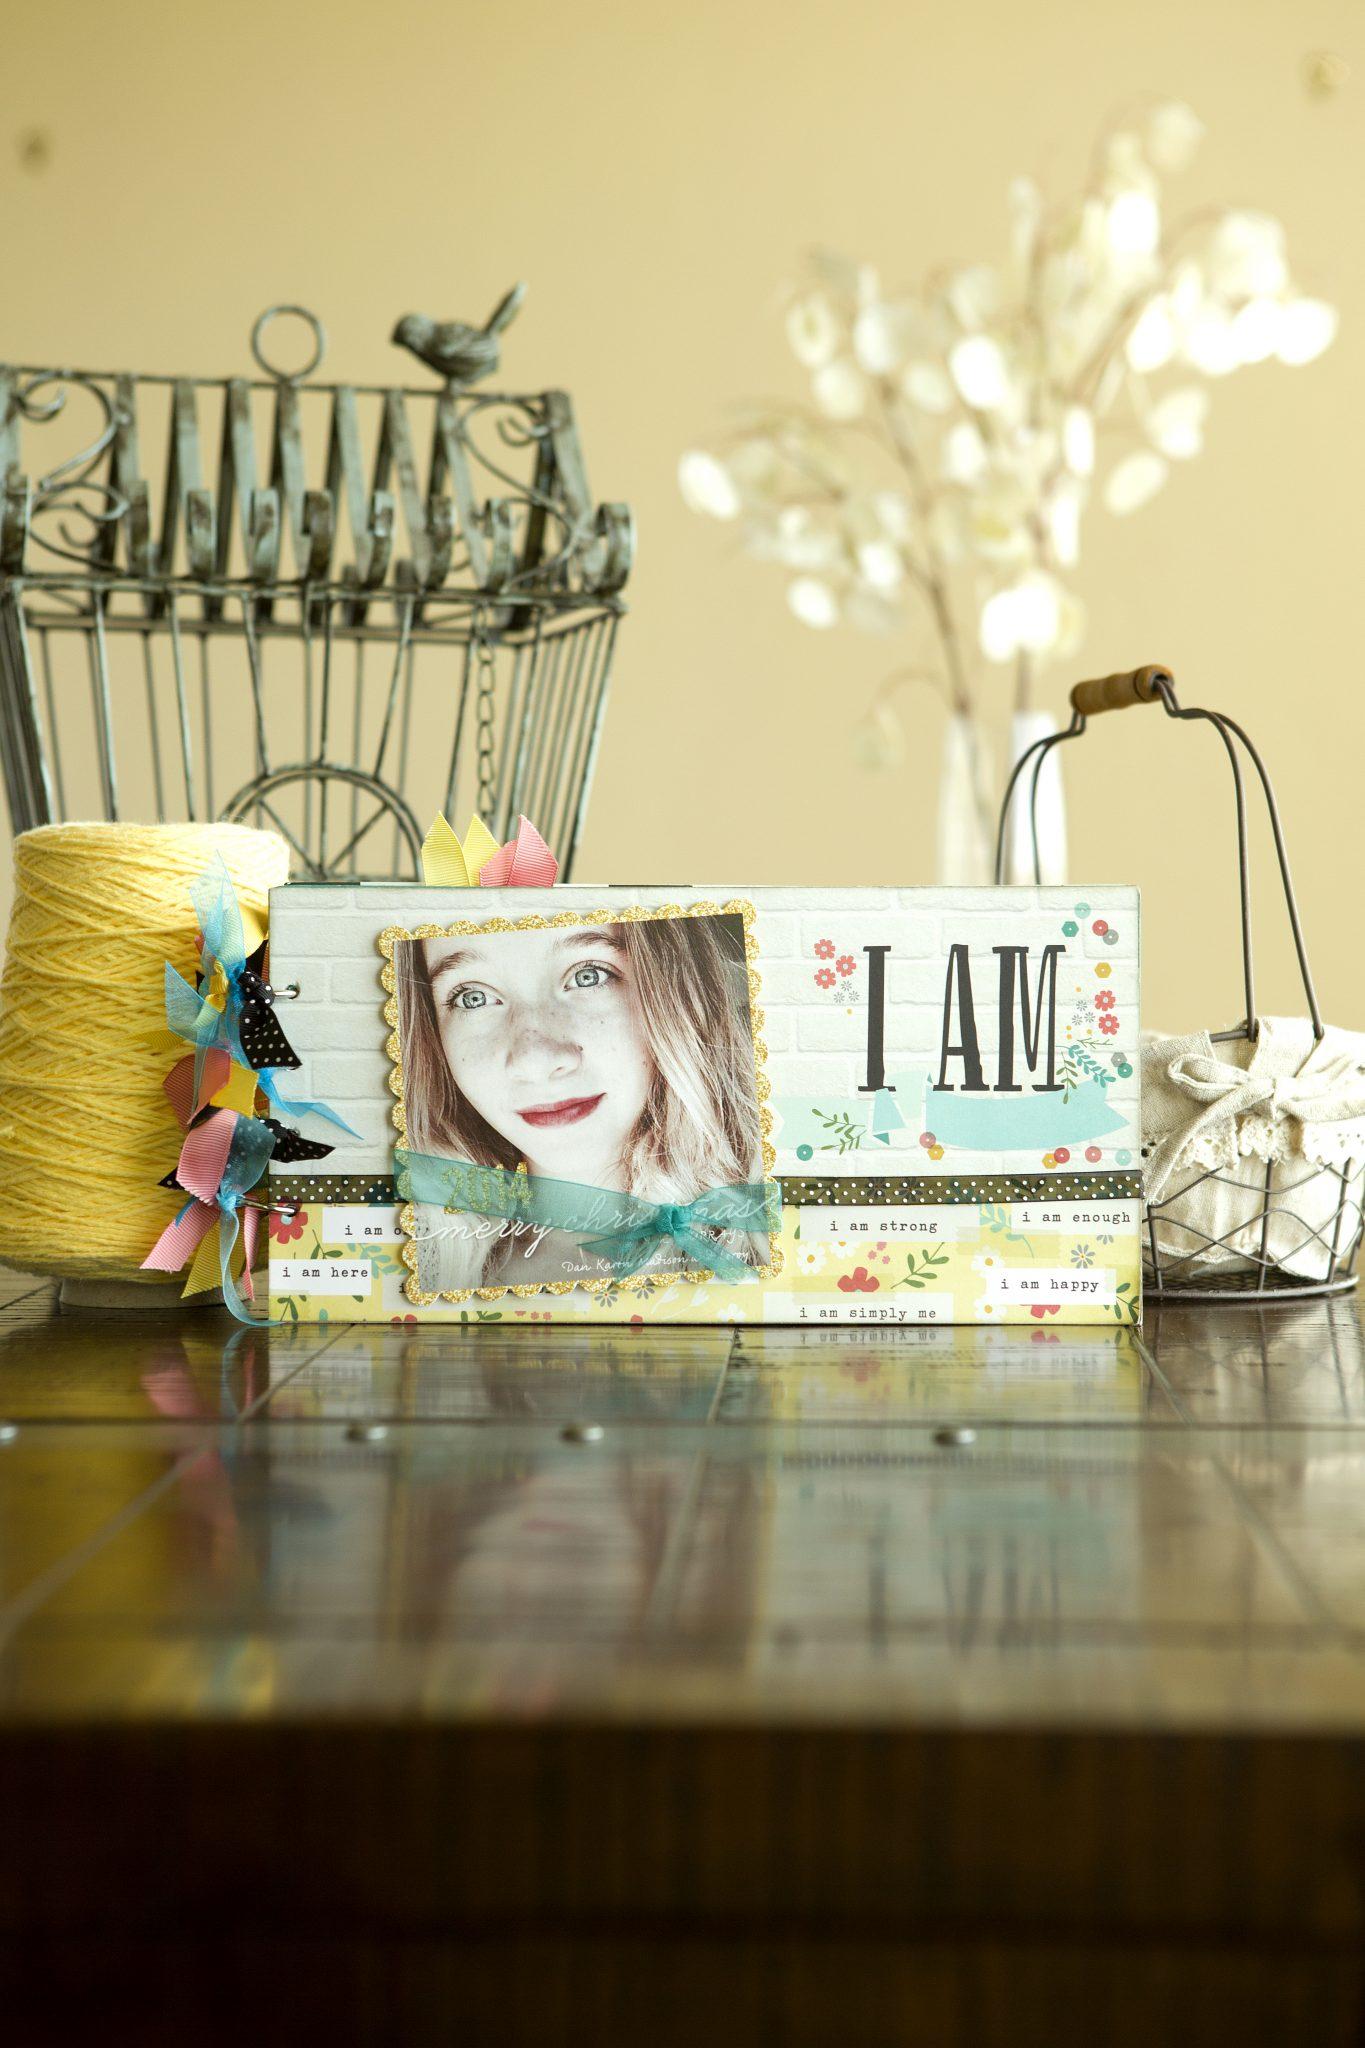 _I Am... 6 x 12 Album